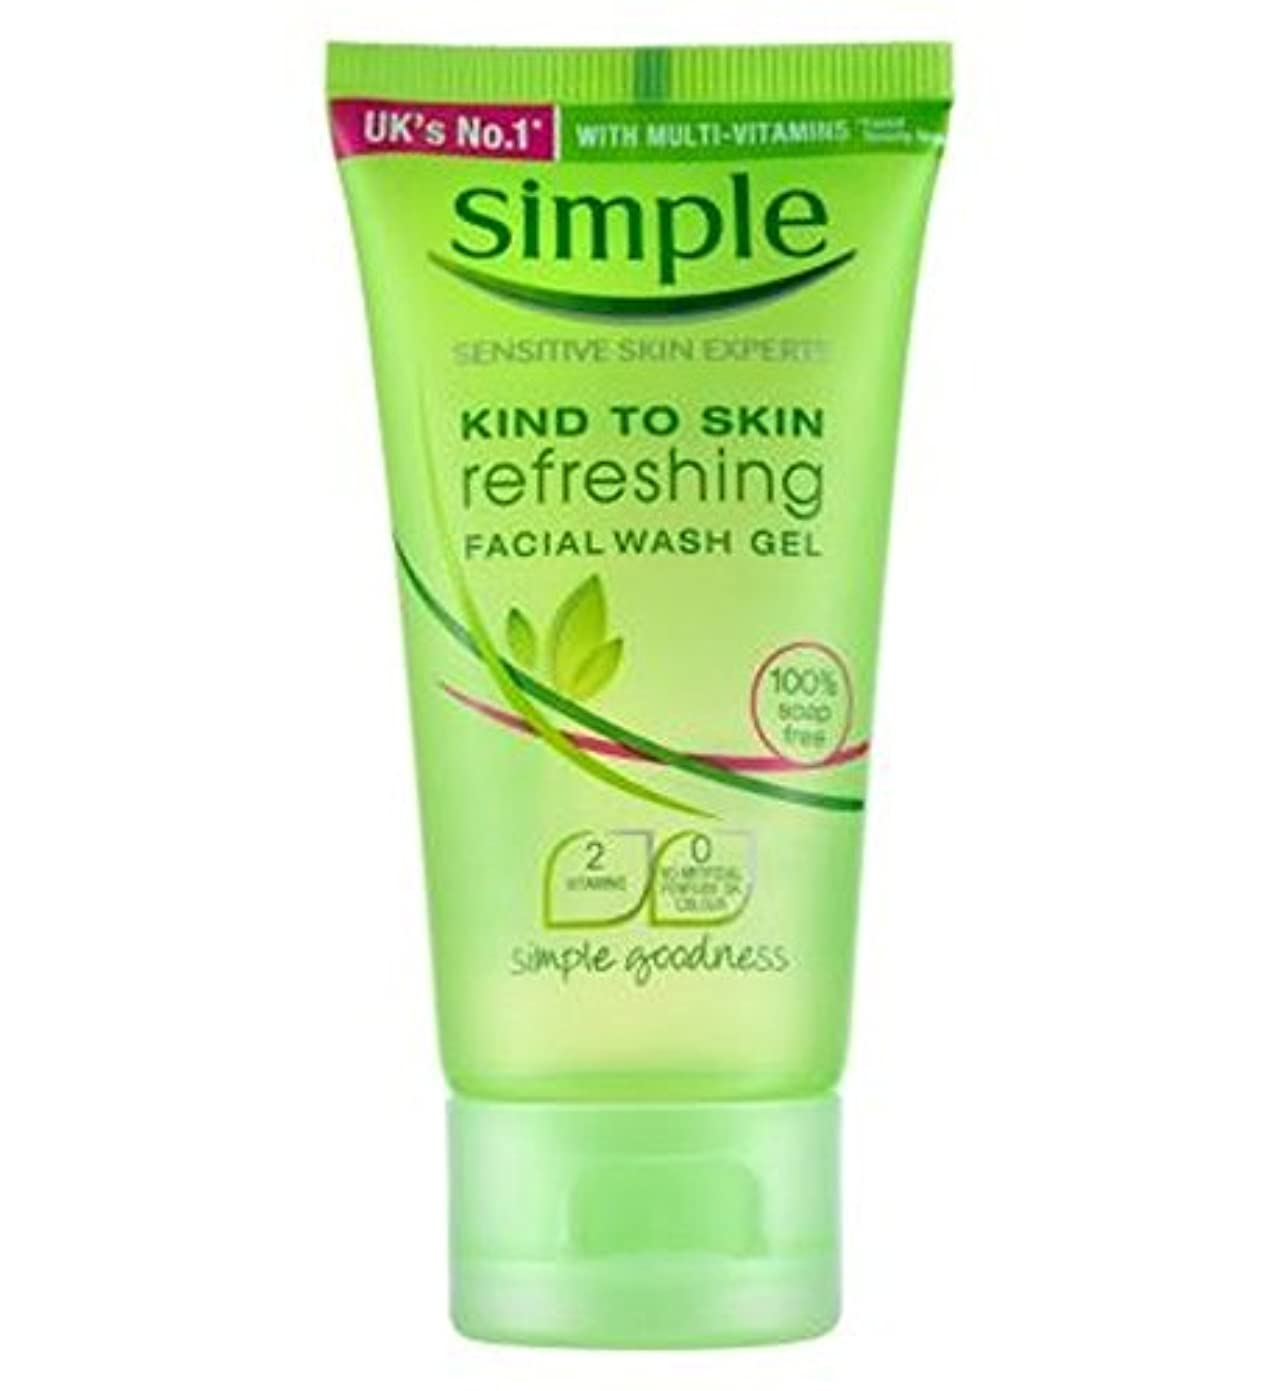 息苦しい頭トレイSimple Refreshing Facial Wash 50ml - シンプルなさわやかな洗顔料の50ミリリットル (Simple) [並行輸入品]